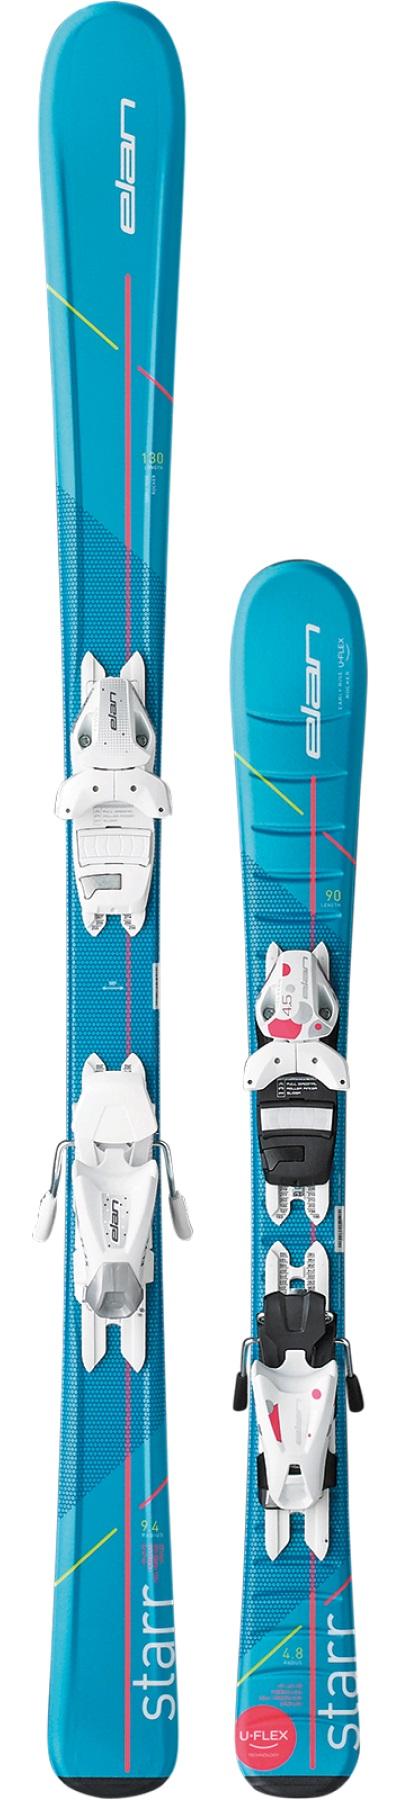 Горные лыжи с креплениями Elan 2017-18 Starr QS 100-120